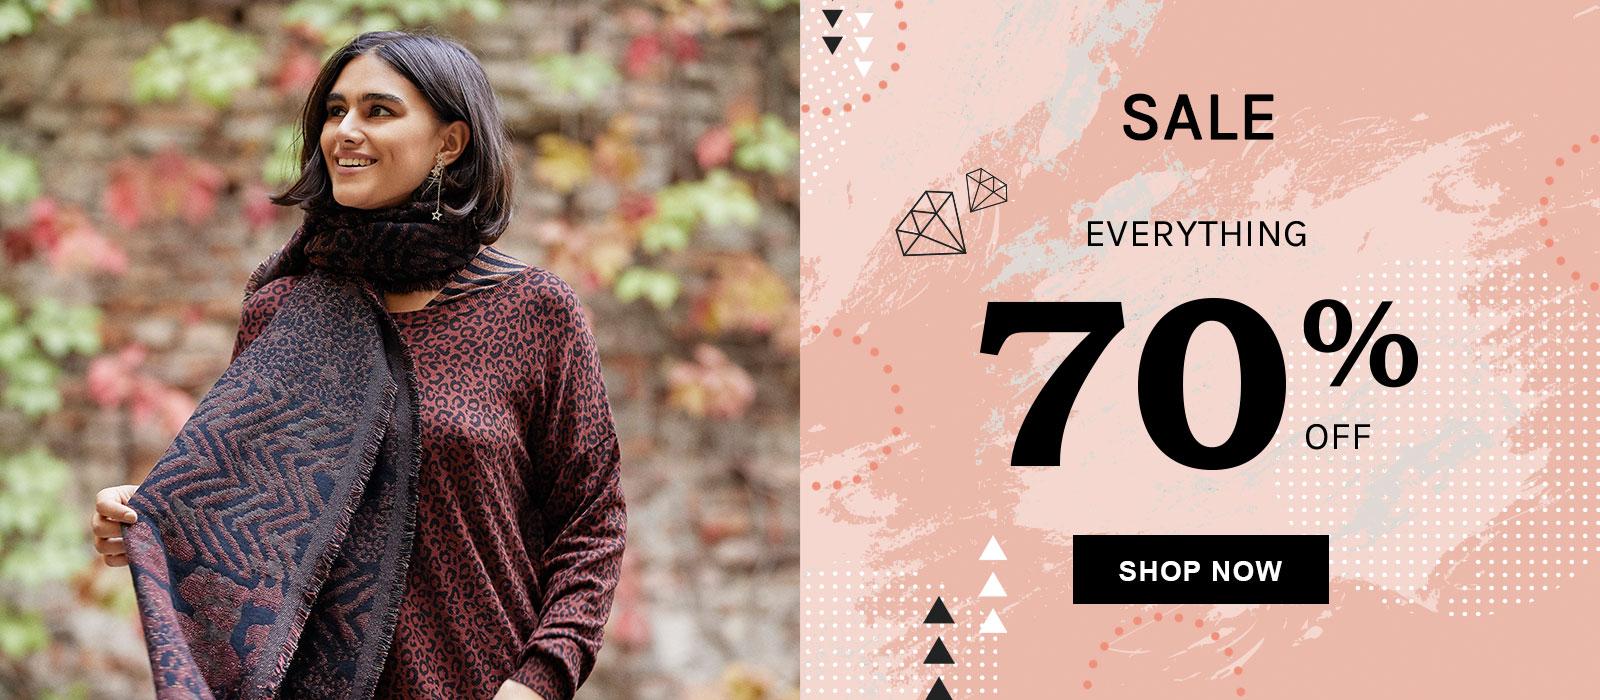 Fiorella Rubino Sales -70%